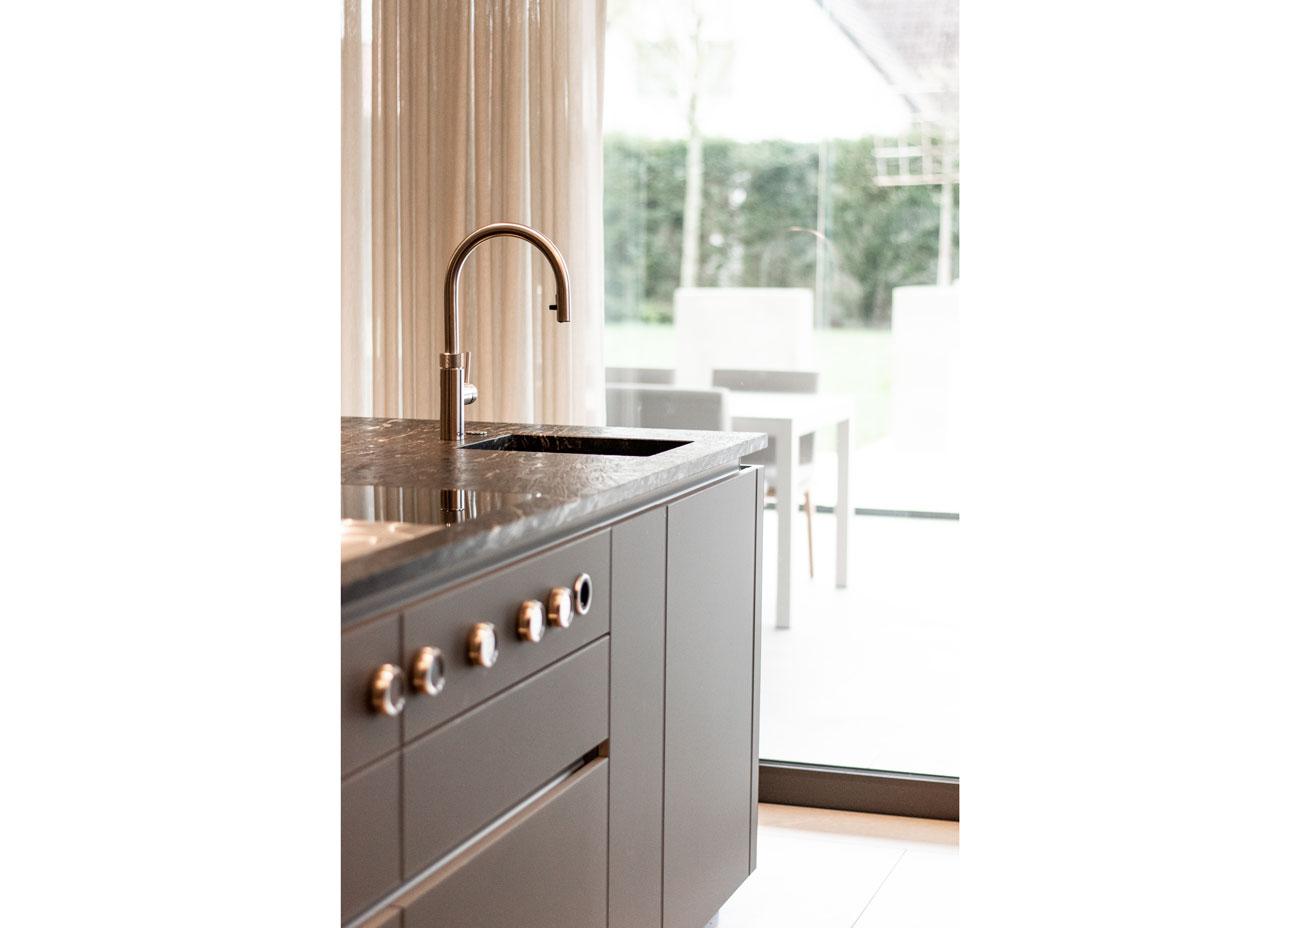 haus einrichten Küche glasfronten natursteinplatte vorhänge waschbecken